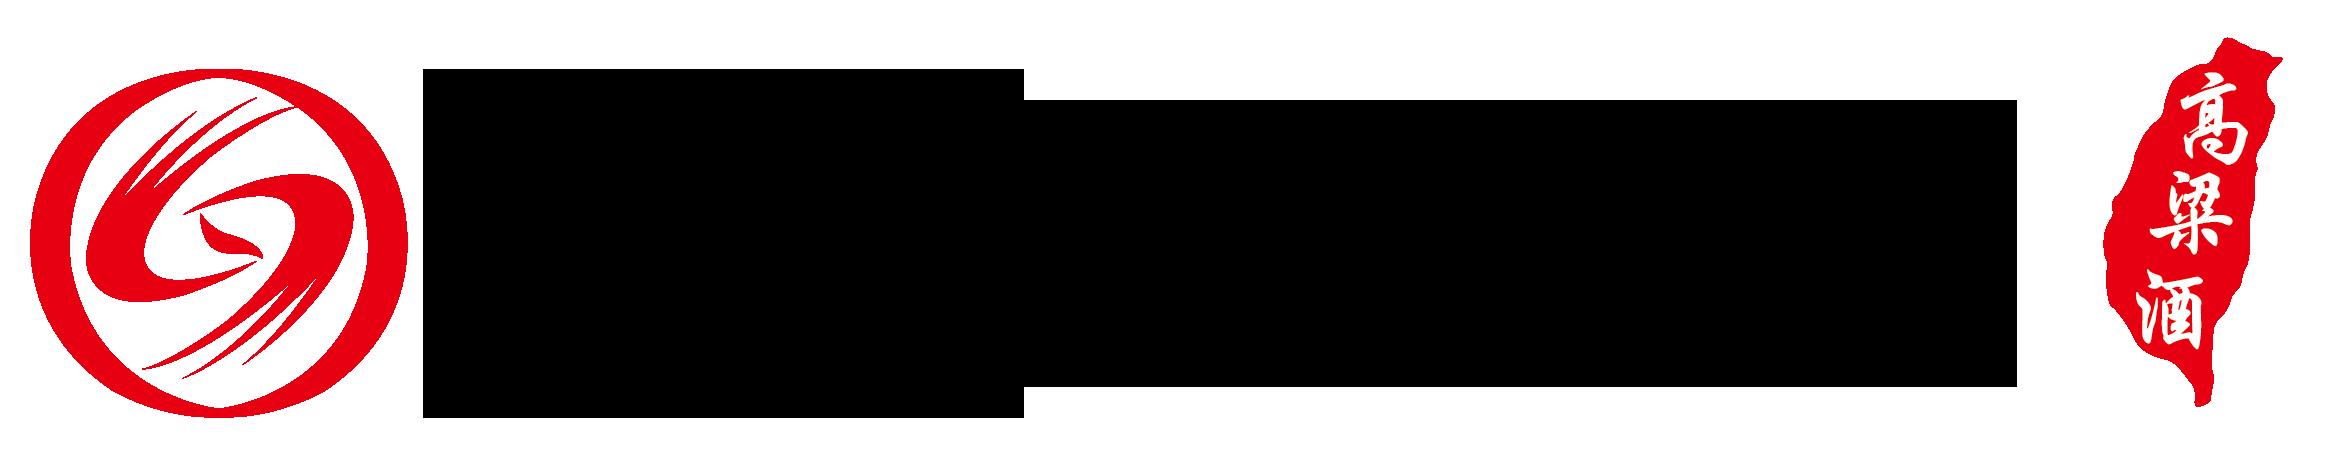 宝岛阿里山(厦门)酒业股份有限公司